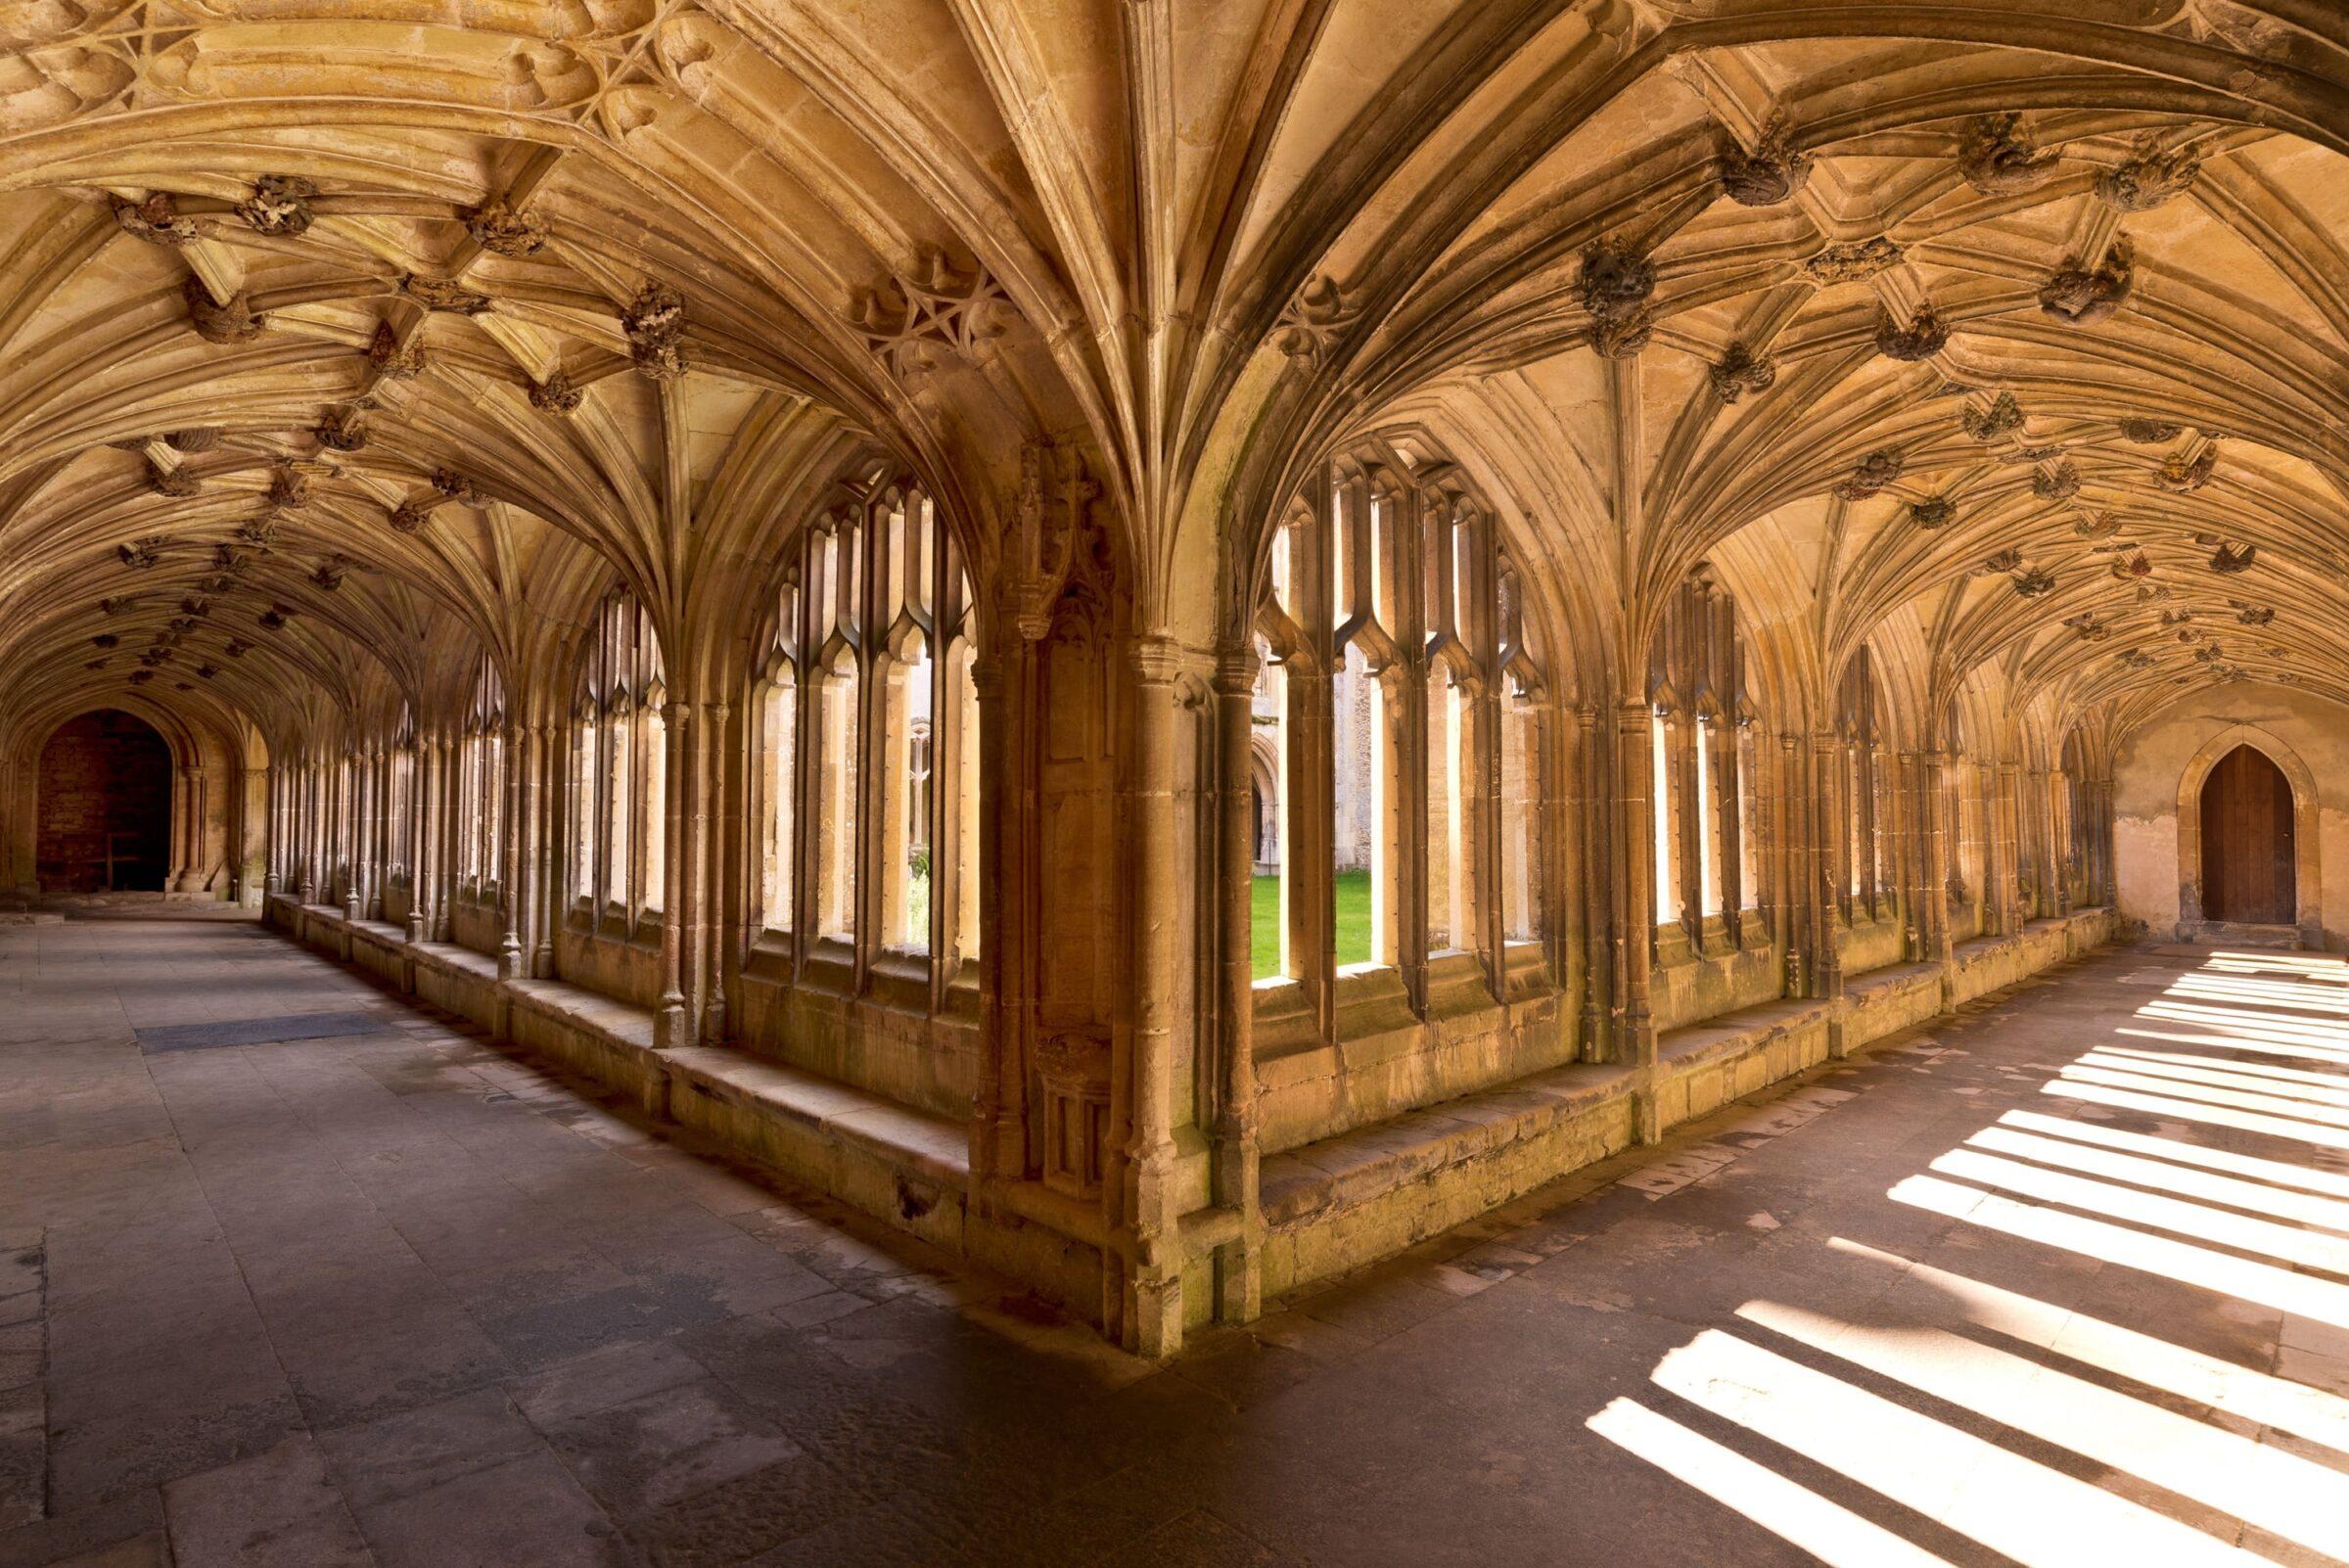 Lacock Abbey - Harry Potter Chamber of Secrets scene